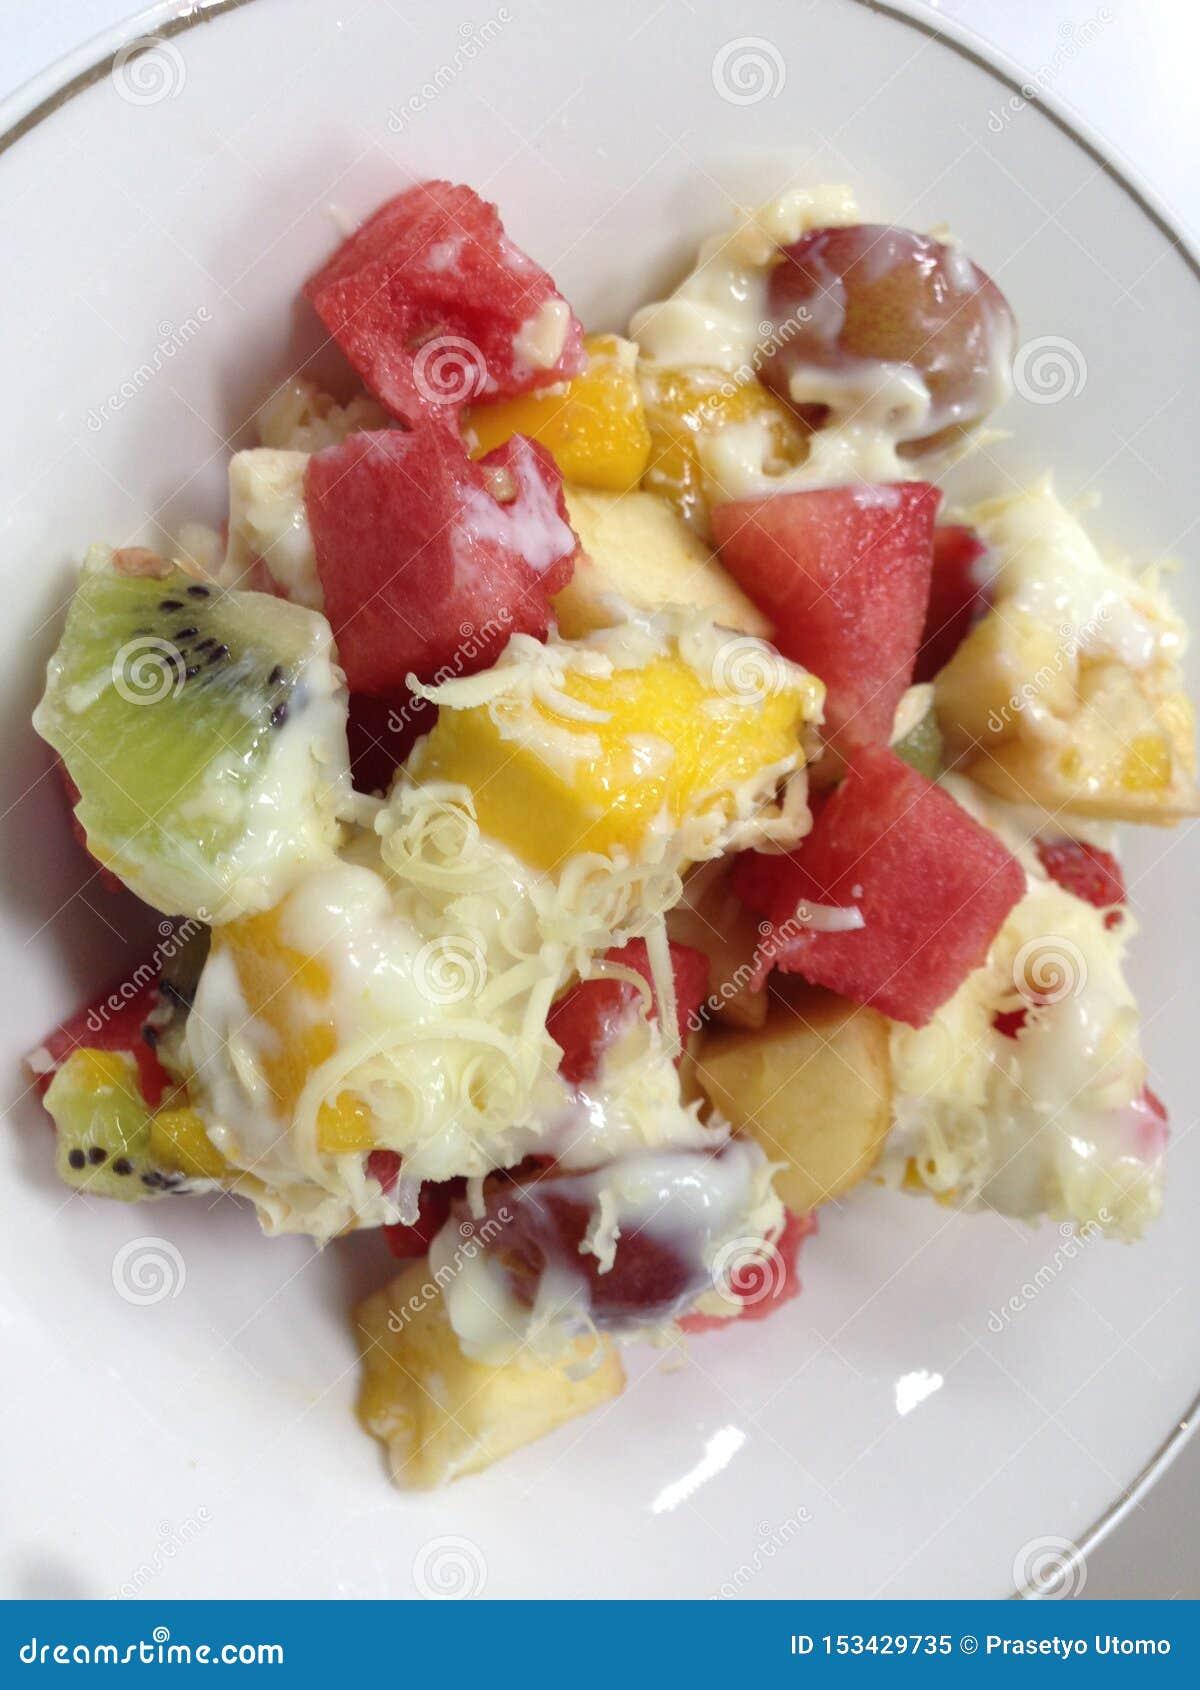 Kiwisallad, vattenmelon, jordgubbar, mango, äpplen och melon